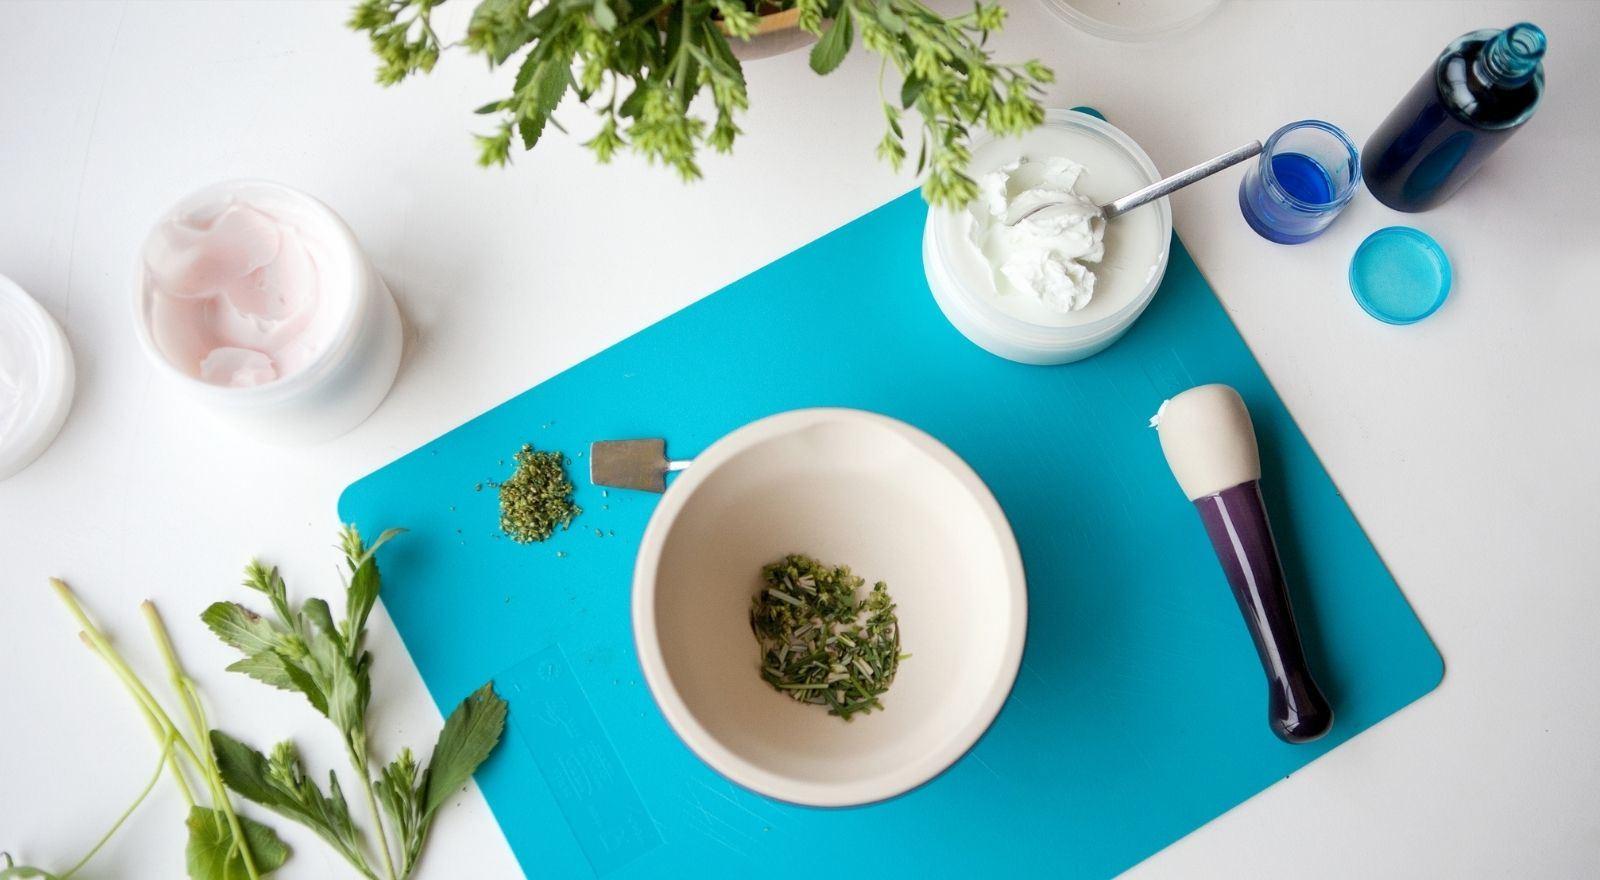 Natuurlijke producten op tafel voor de cursus Dermatherapie op natuurlijke basis